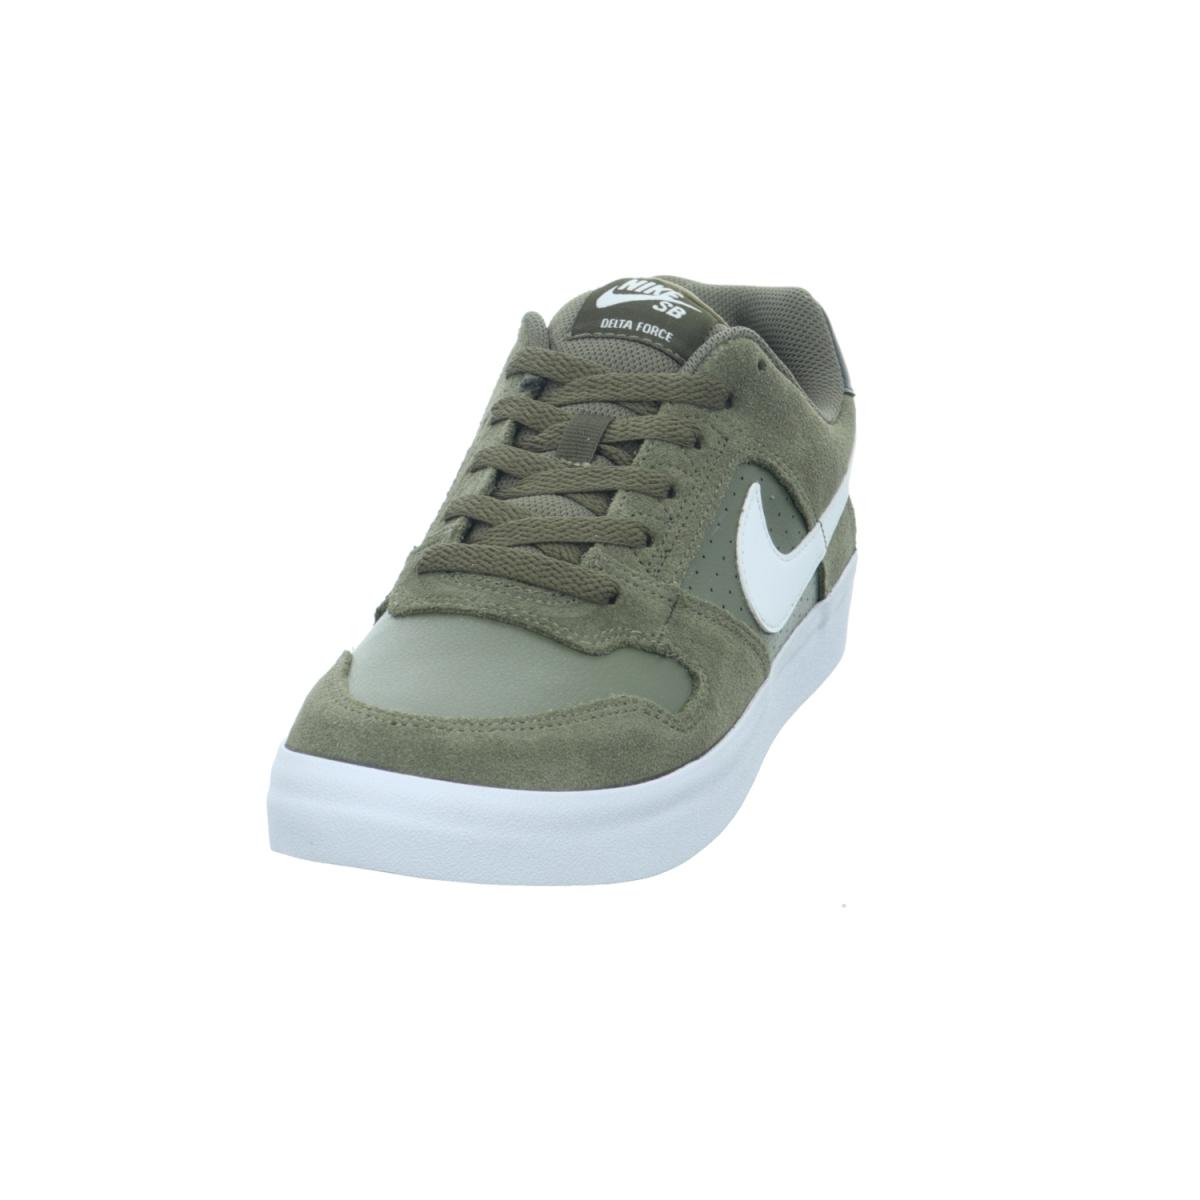 Nike Herren Schuhe SB Delta Force Vulc 942237 200 Turnschuhe